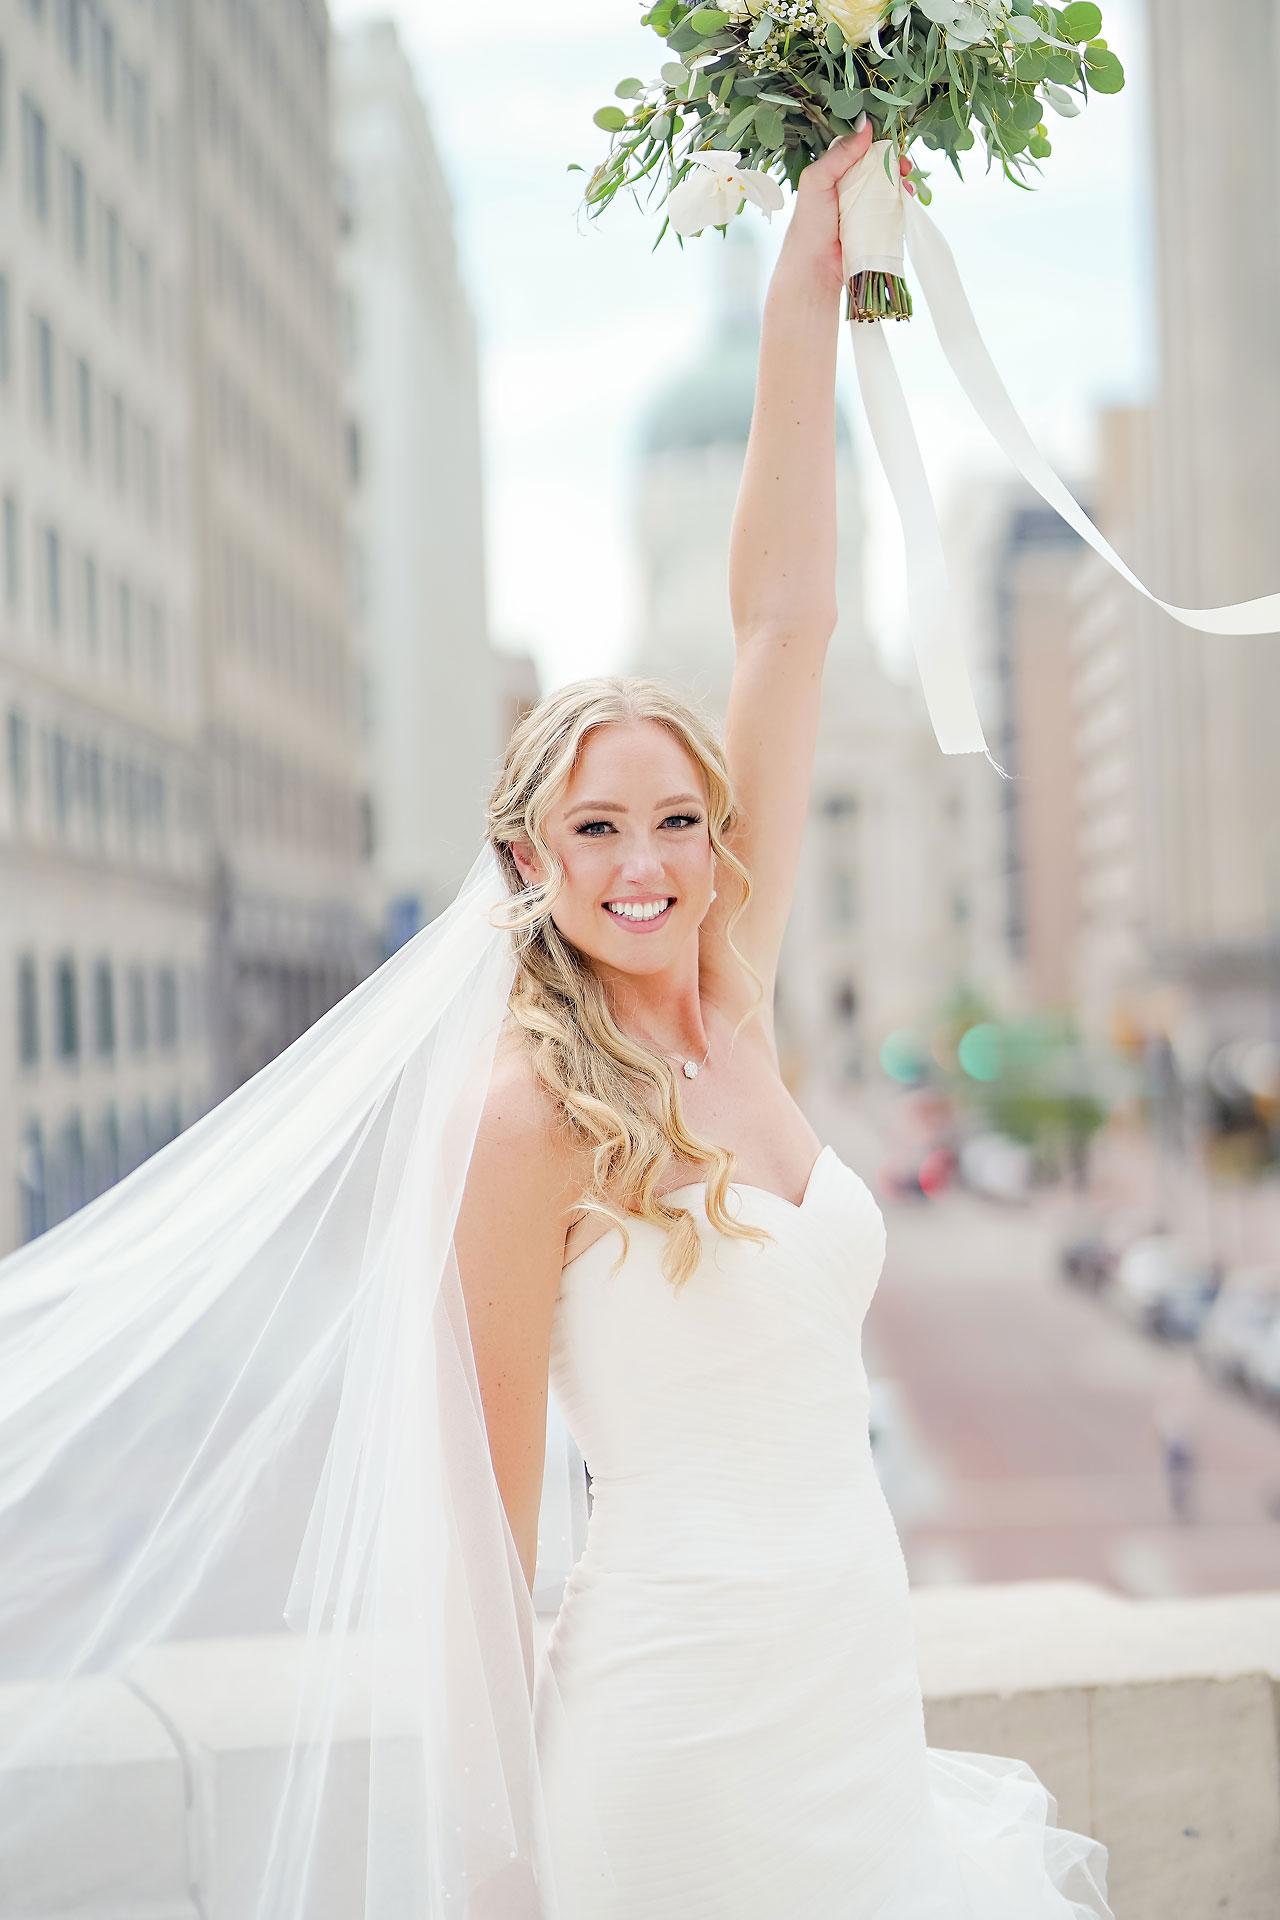 Liz Zach Conrad Artsgarden Indianapolis Wedding 134